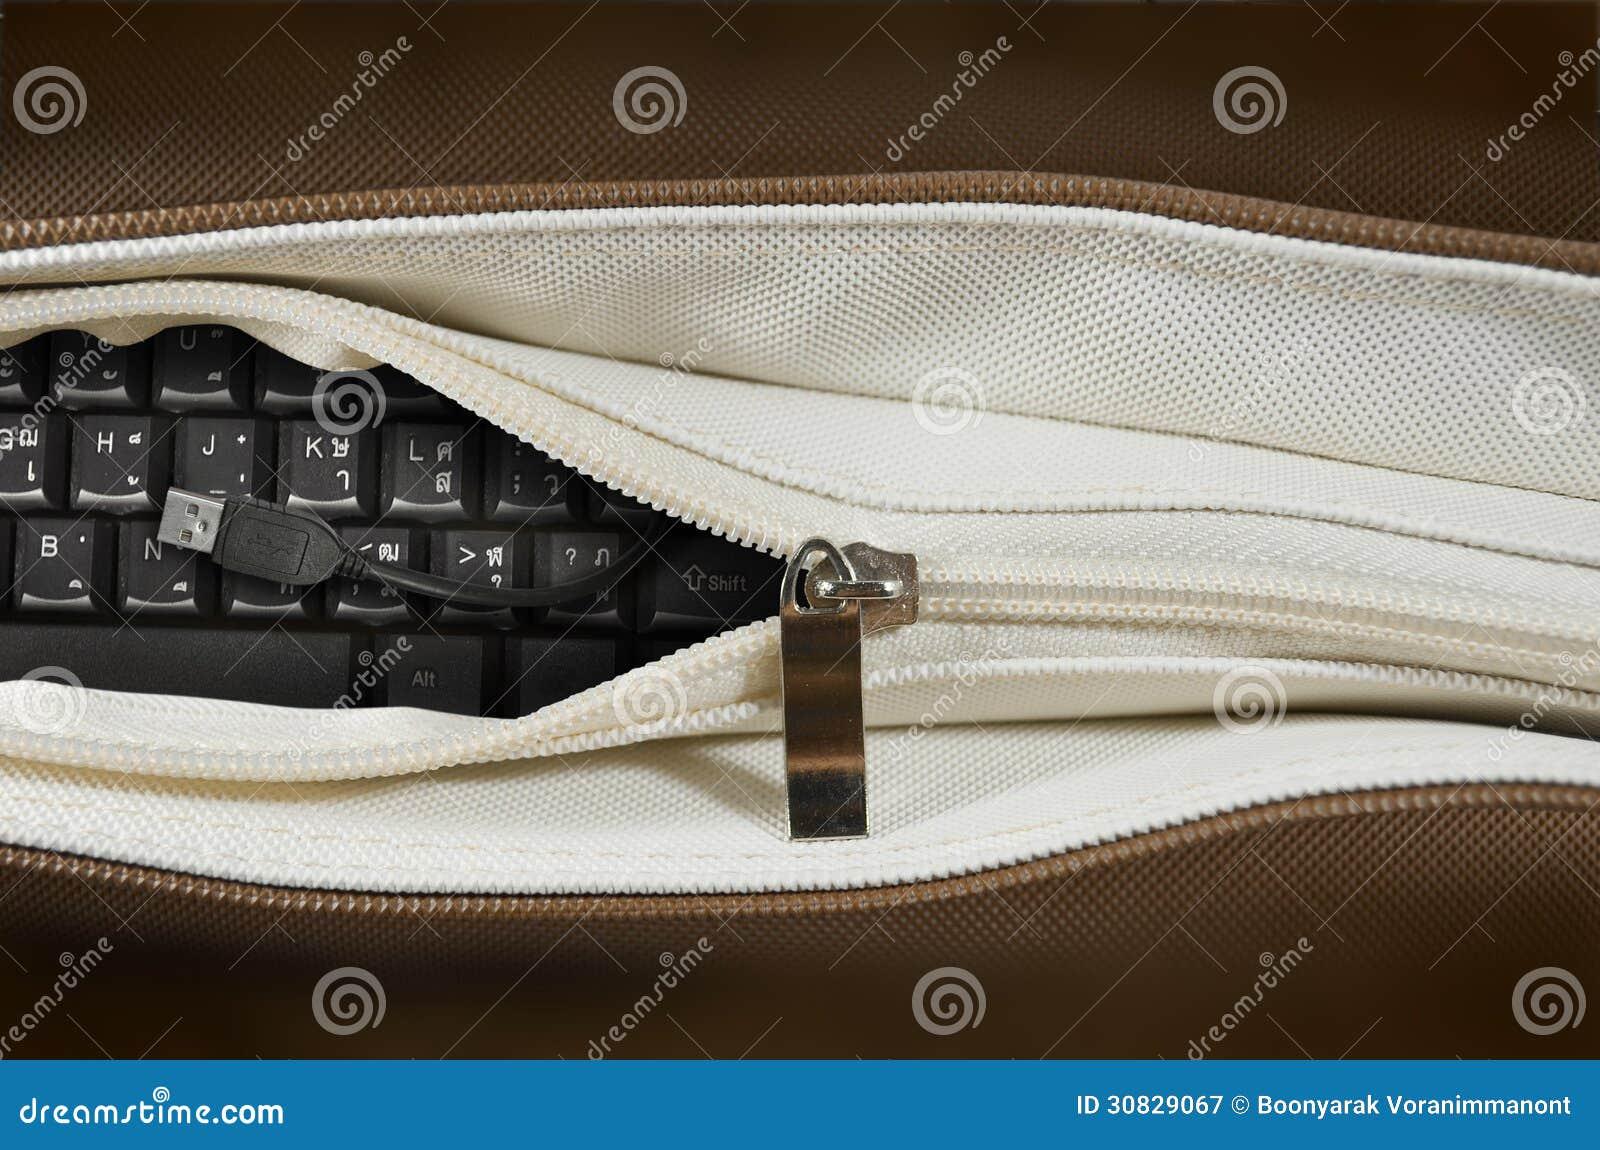 Tastiera in una borsa